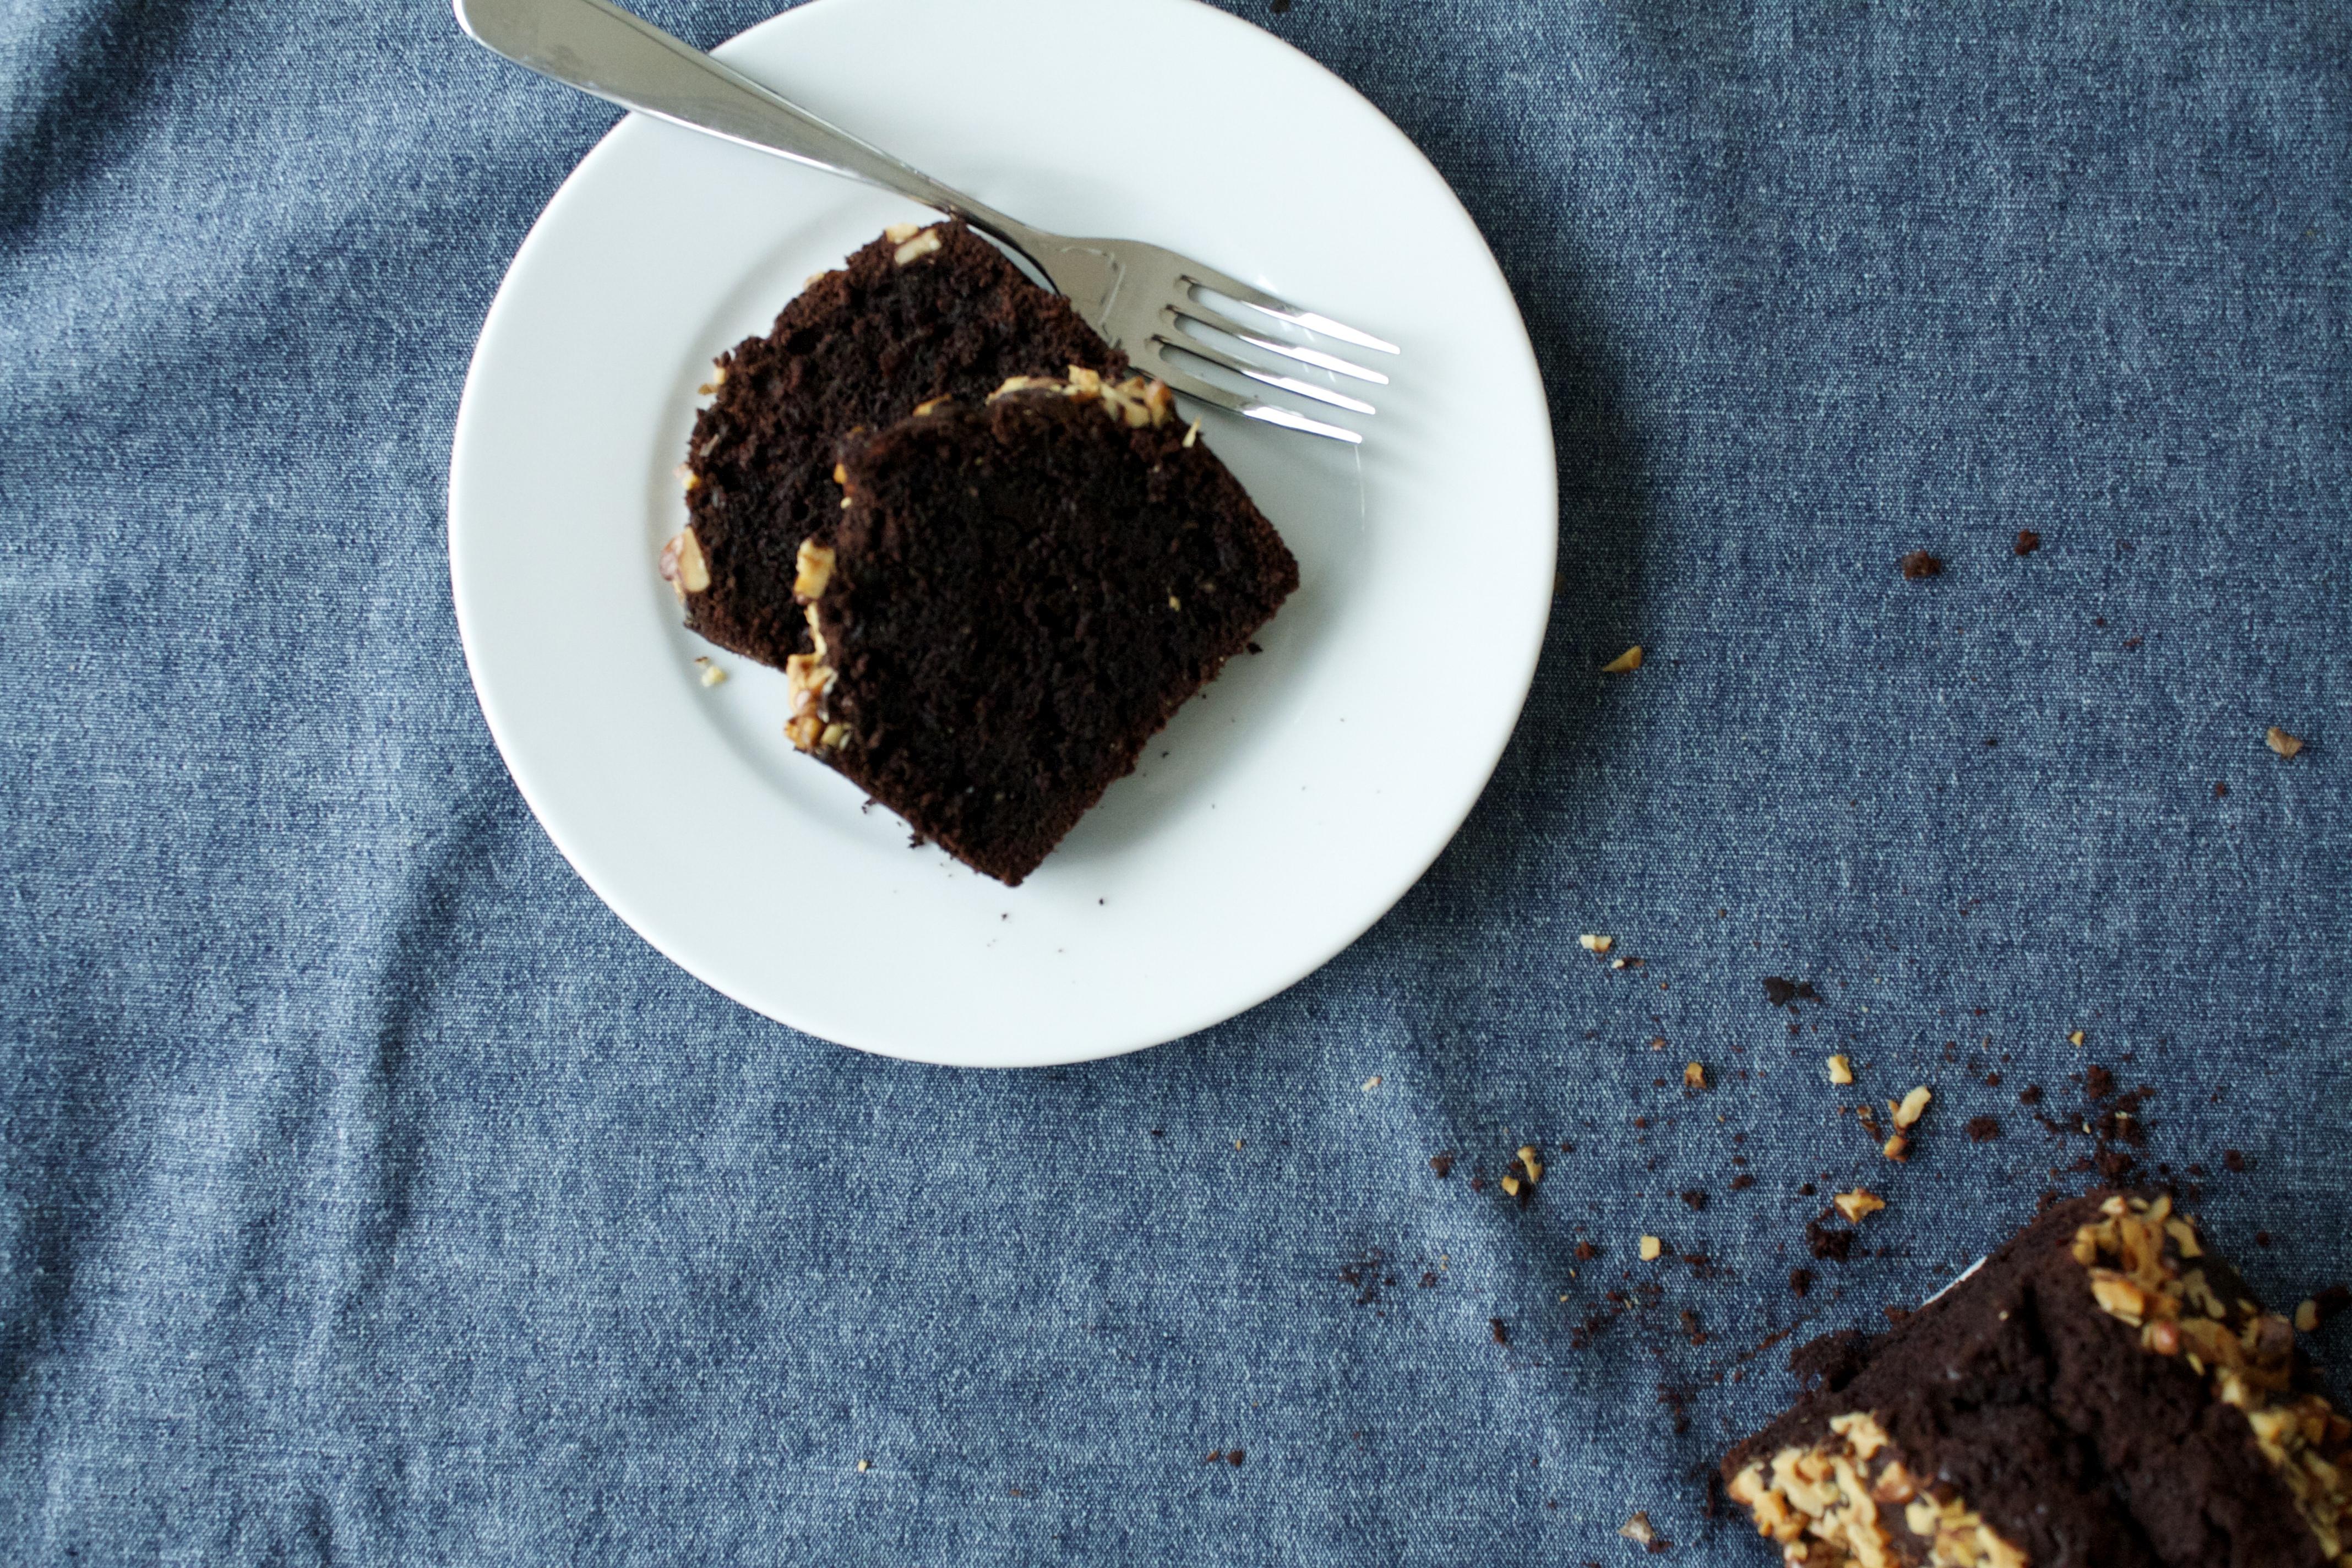 schokoladenkuchen mit baumn ssen l ffelchen voll zucker. Black Bedroom Furniture Sets. Home Design Ideas